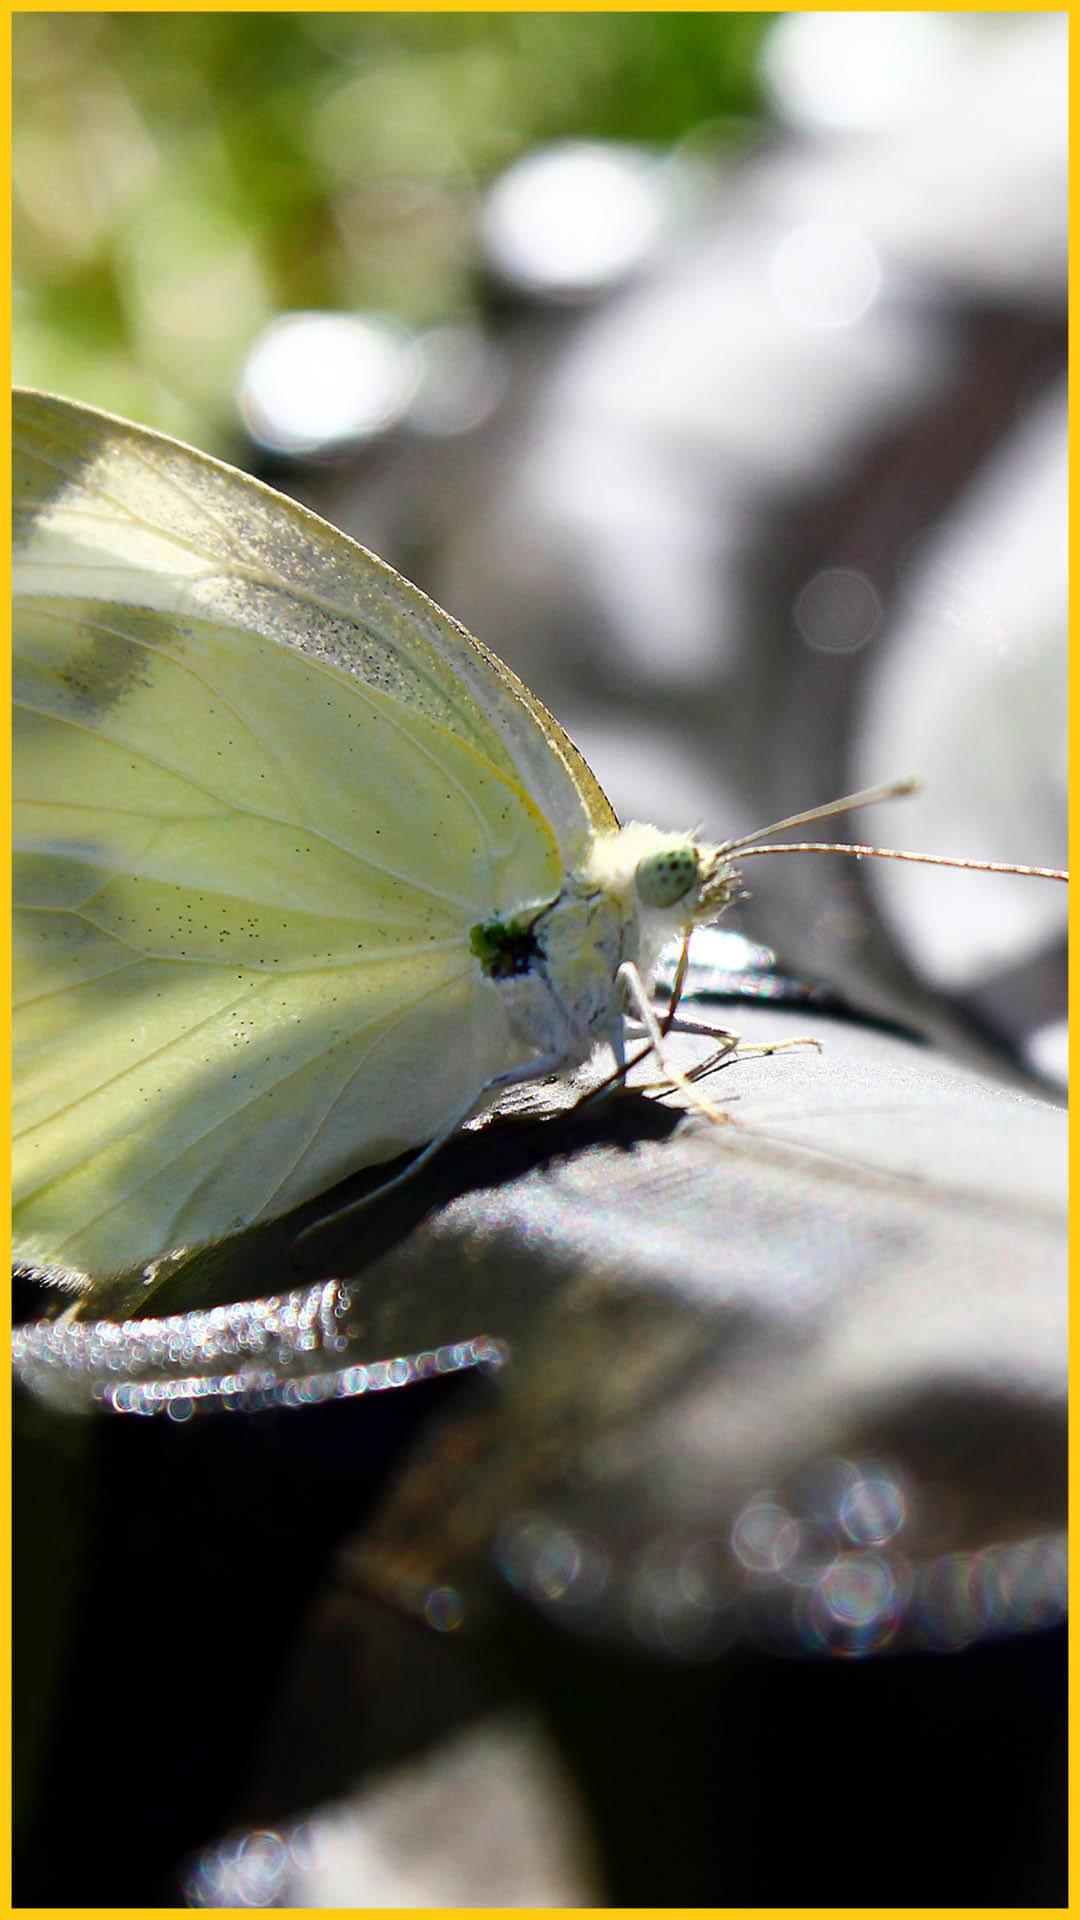 Nahaufnahme eines gelben Schmetterlings auf einem Fahrradreifen auf dem Werratal Radweg durchgeführt von Werra Bikes